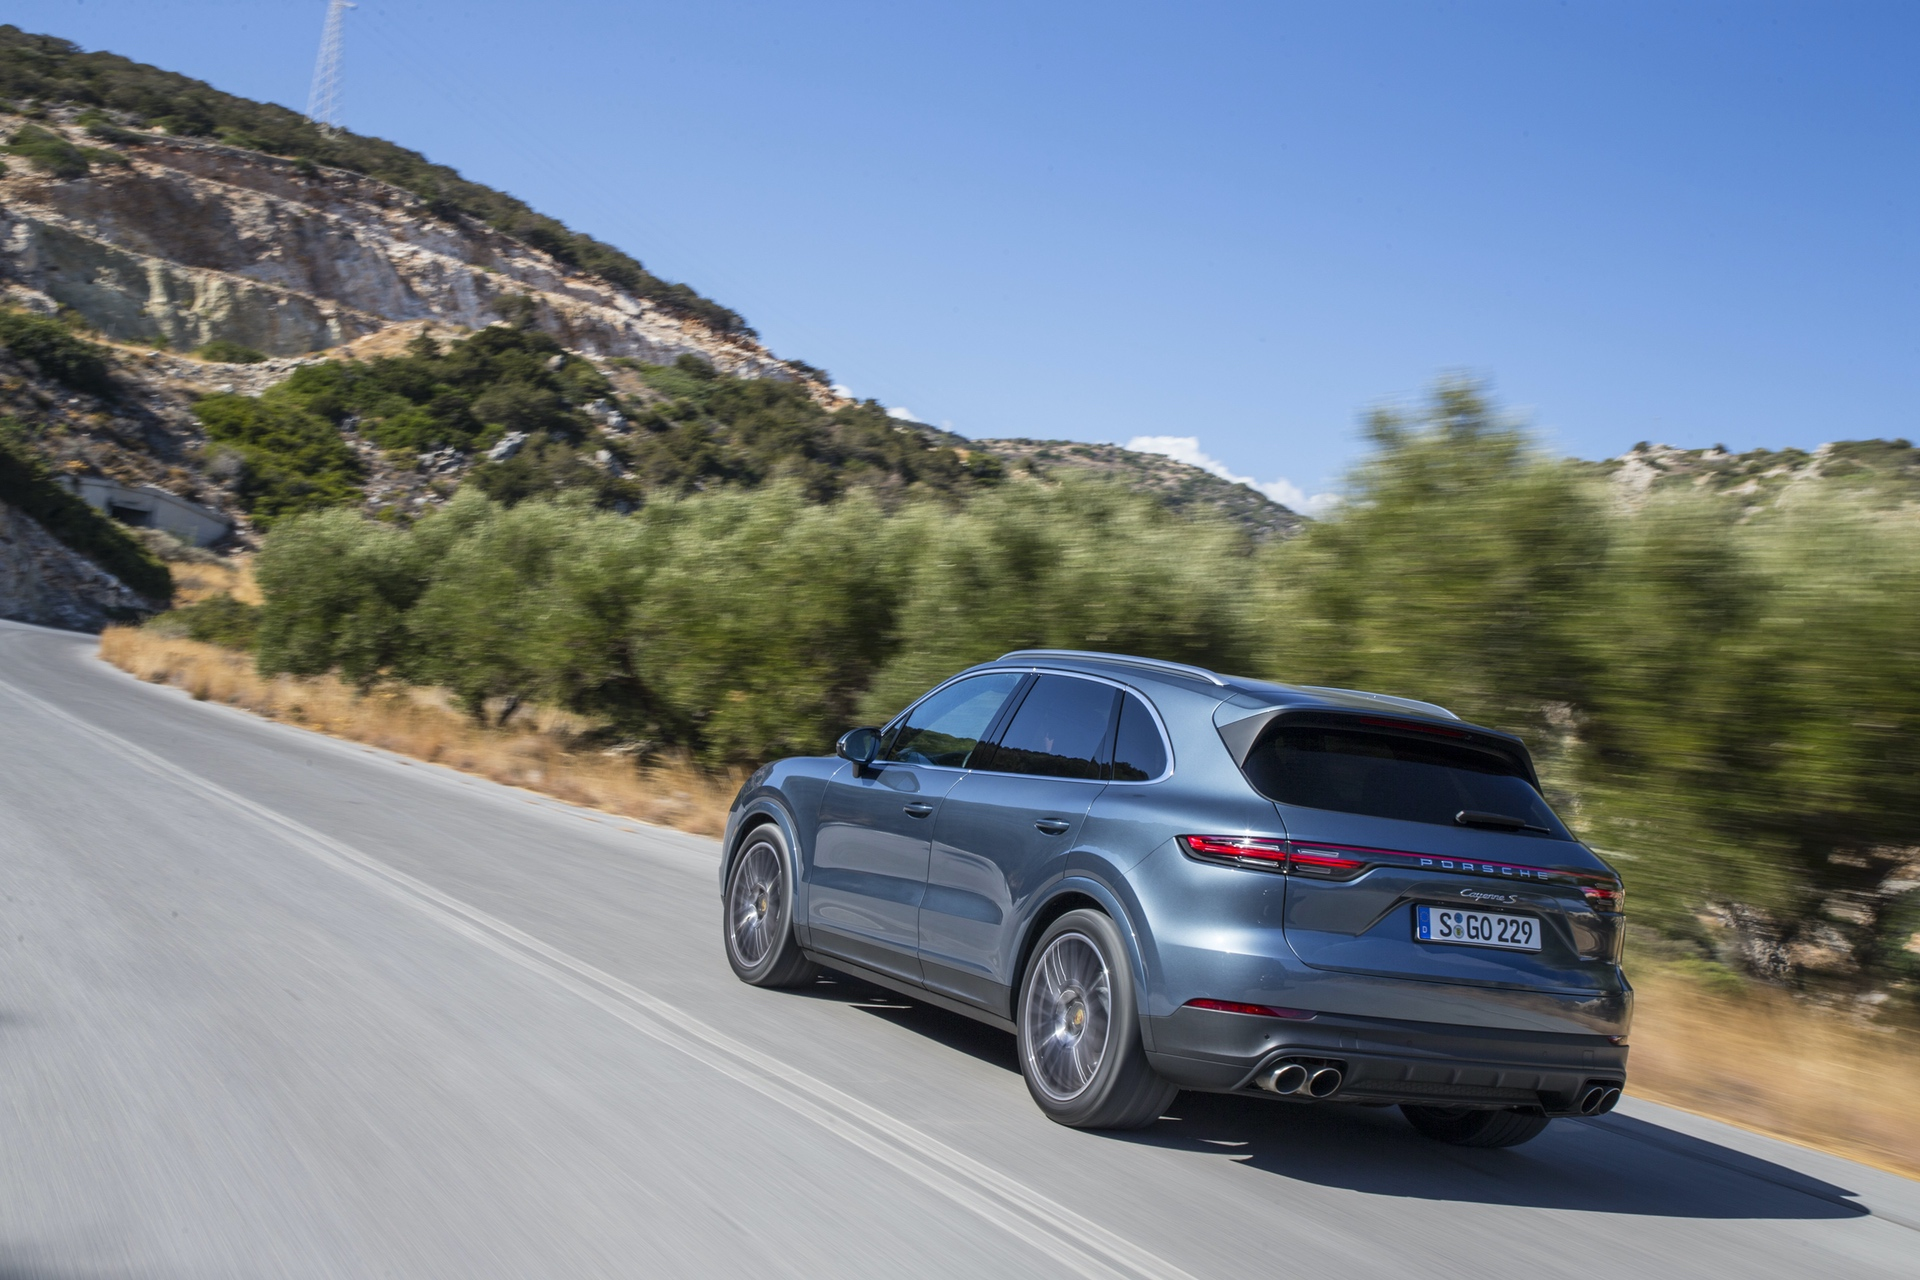 Test_Drive_Porsche_Cayenne_58